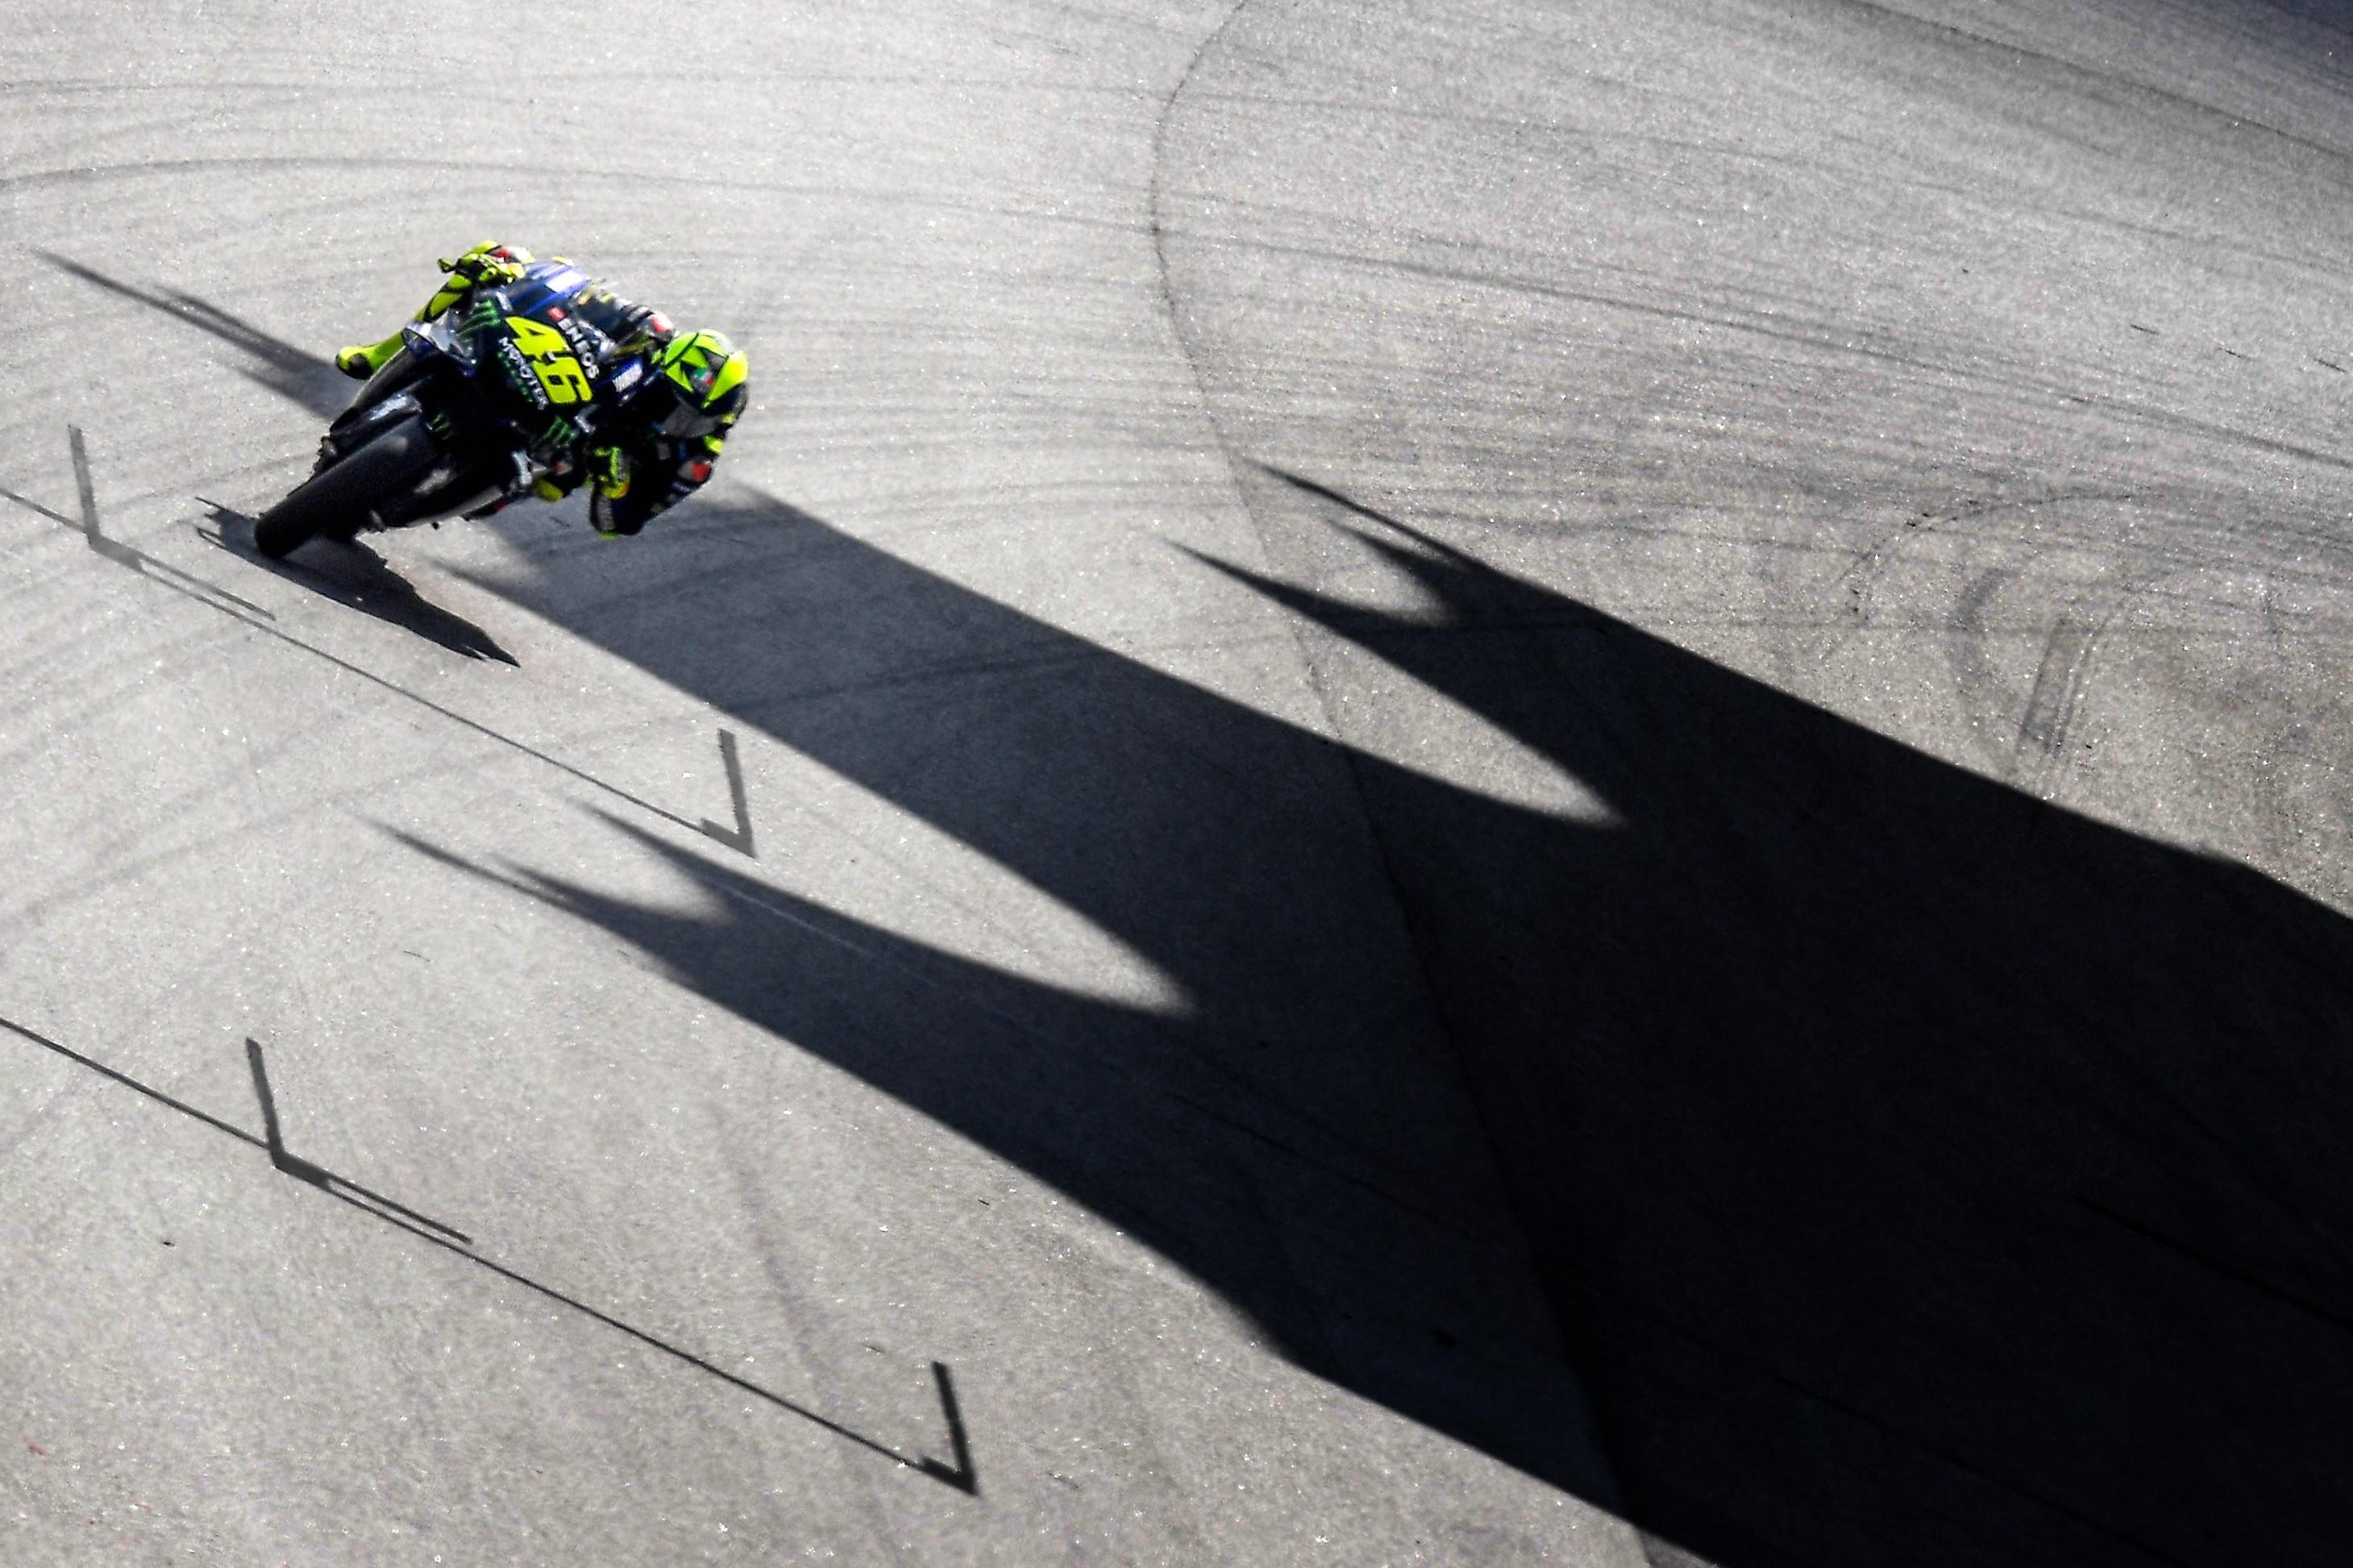 Ngay tro lai thanh dia Sepang cua Valentino Rossi hinh anh 21